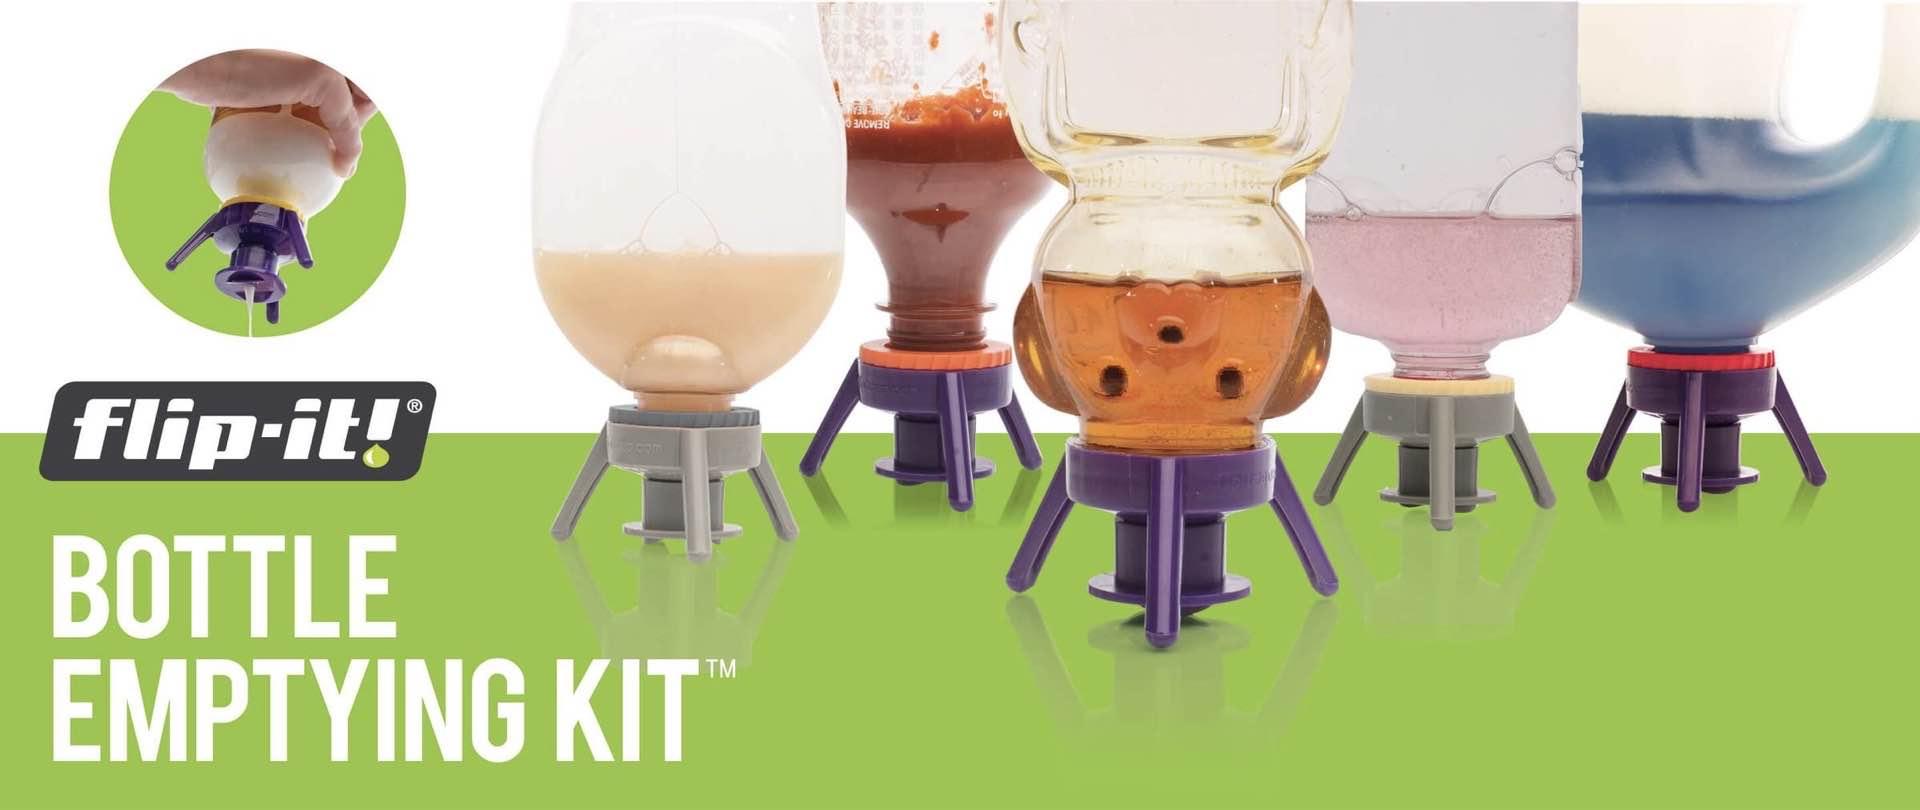 flip-it-bottle-emptying-kits